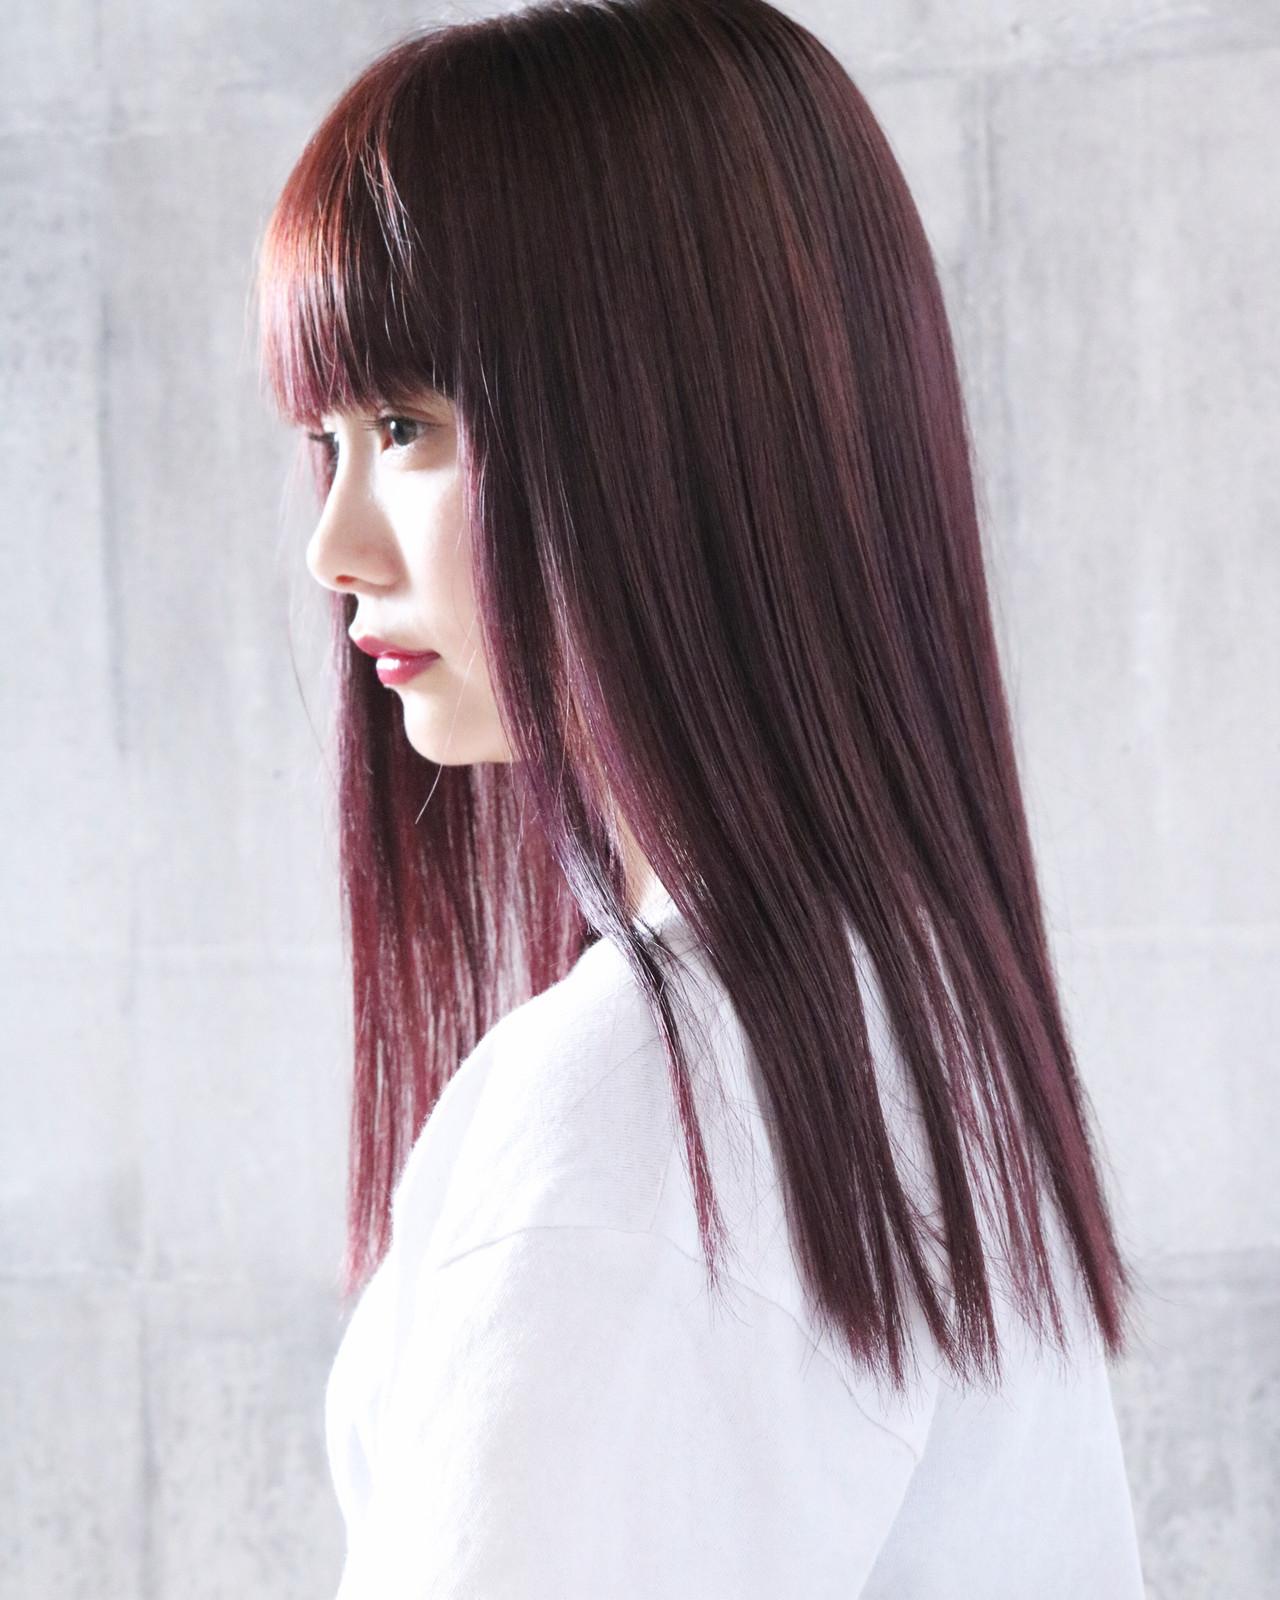 ミルクティーベージュ ピンクベージュ ピンクラベンダー ピンクアッシュ ヘアスタイルや髪型の写真・画像